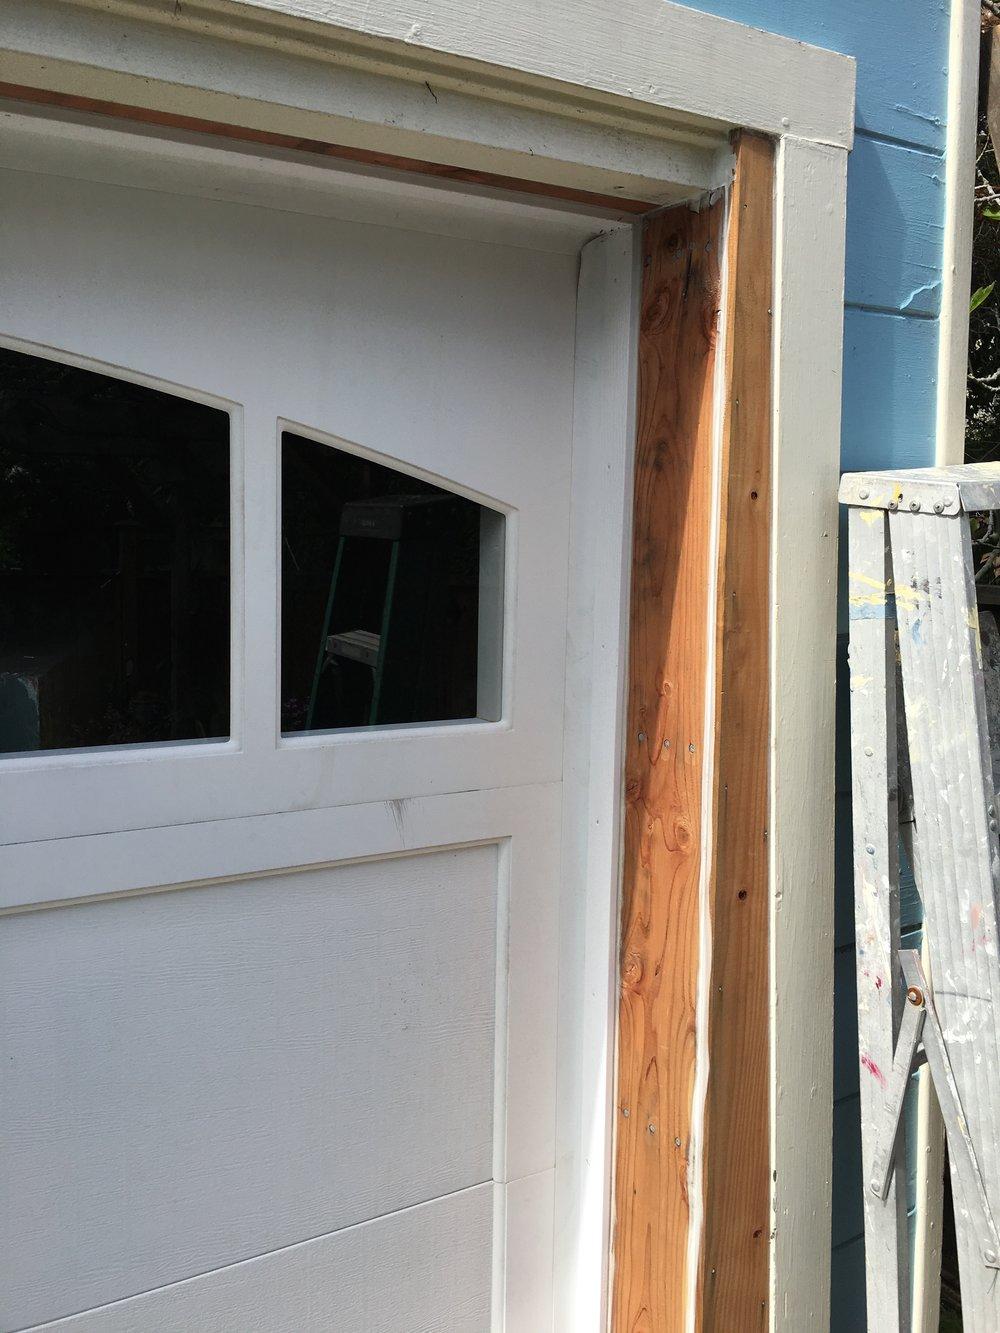 all bay garage doors - carriage house garage door - kevin chervatin - 31.jpg